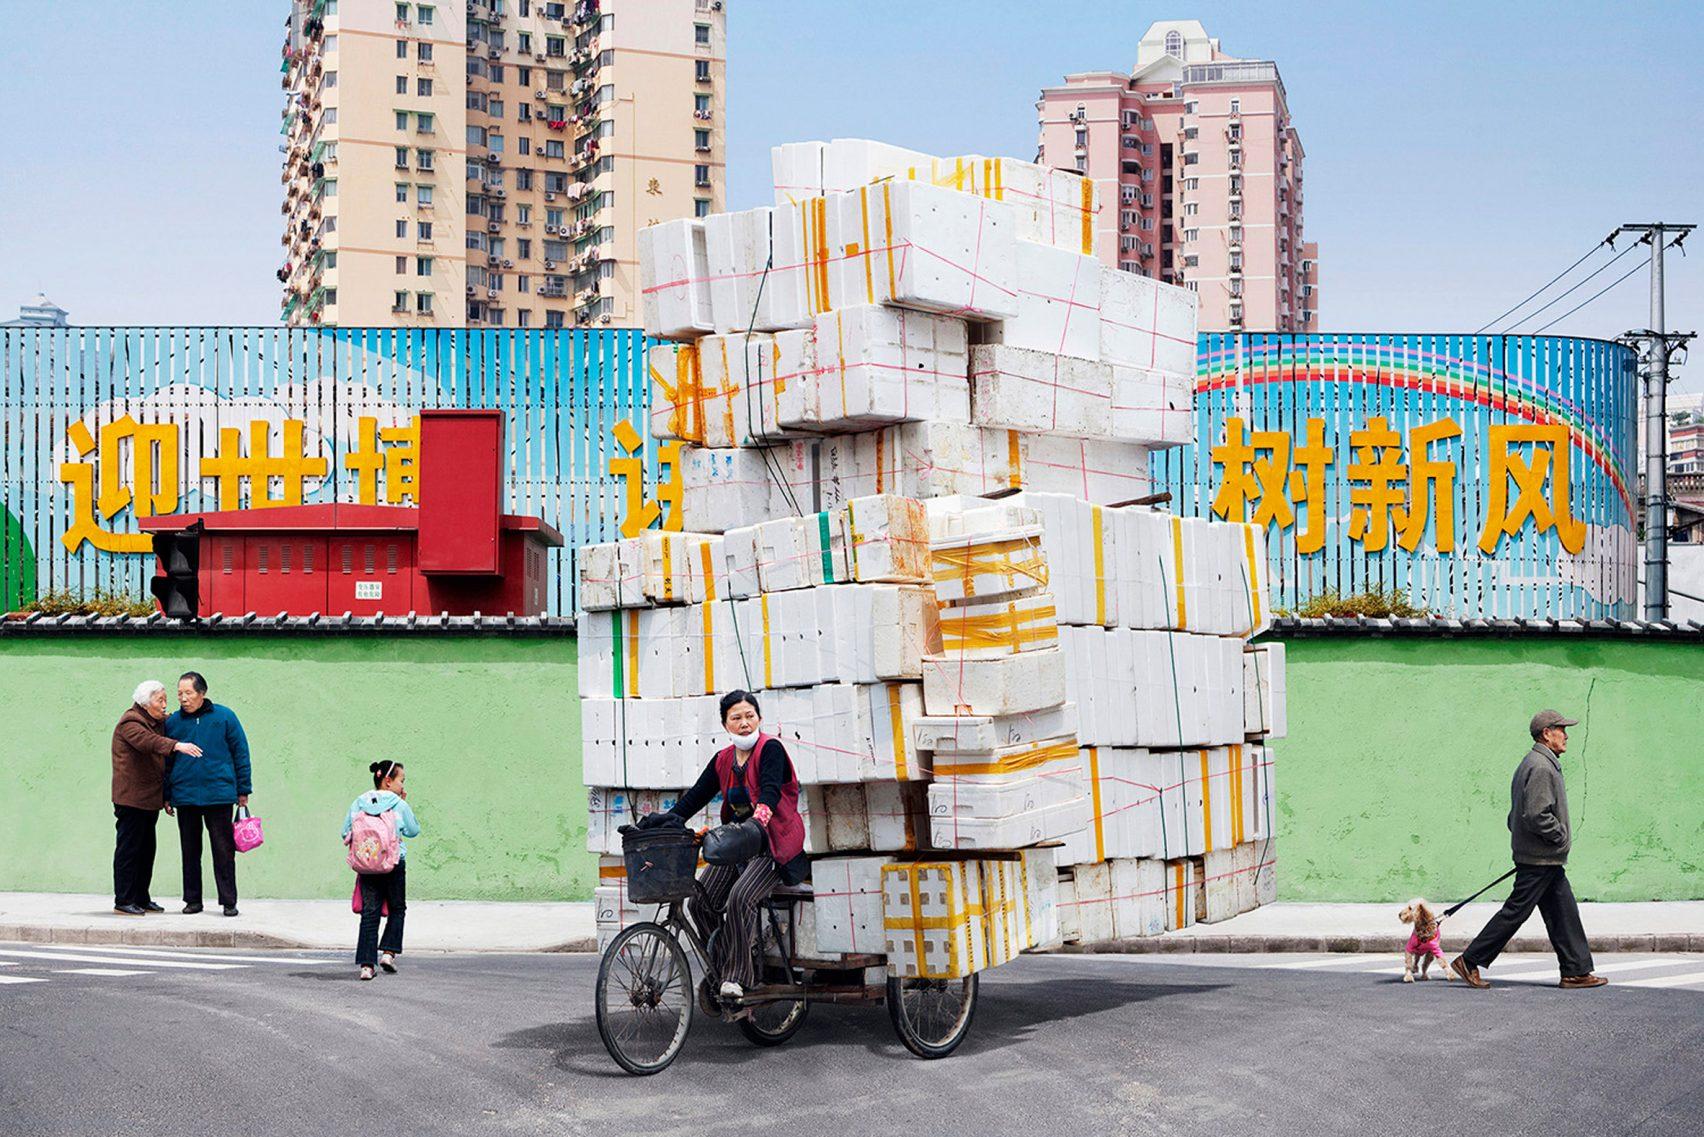 Shipper Việt Nam cũng phải gọi các 'thánh' này bằng cụ